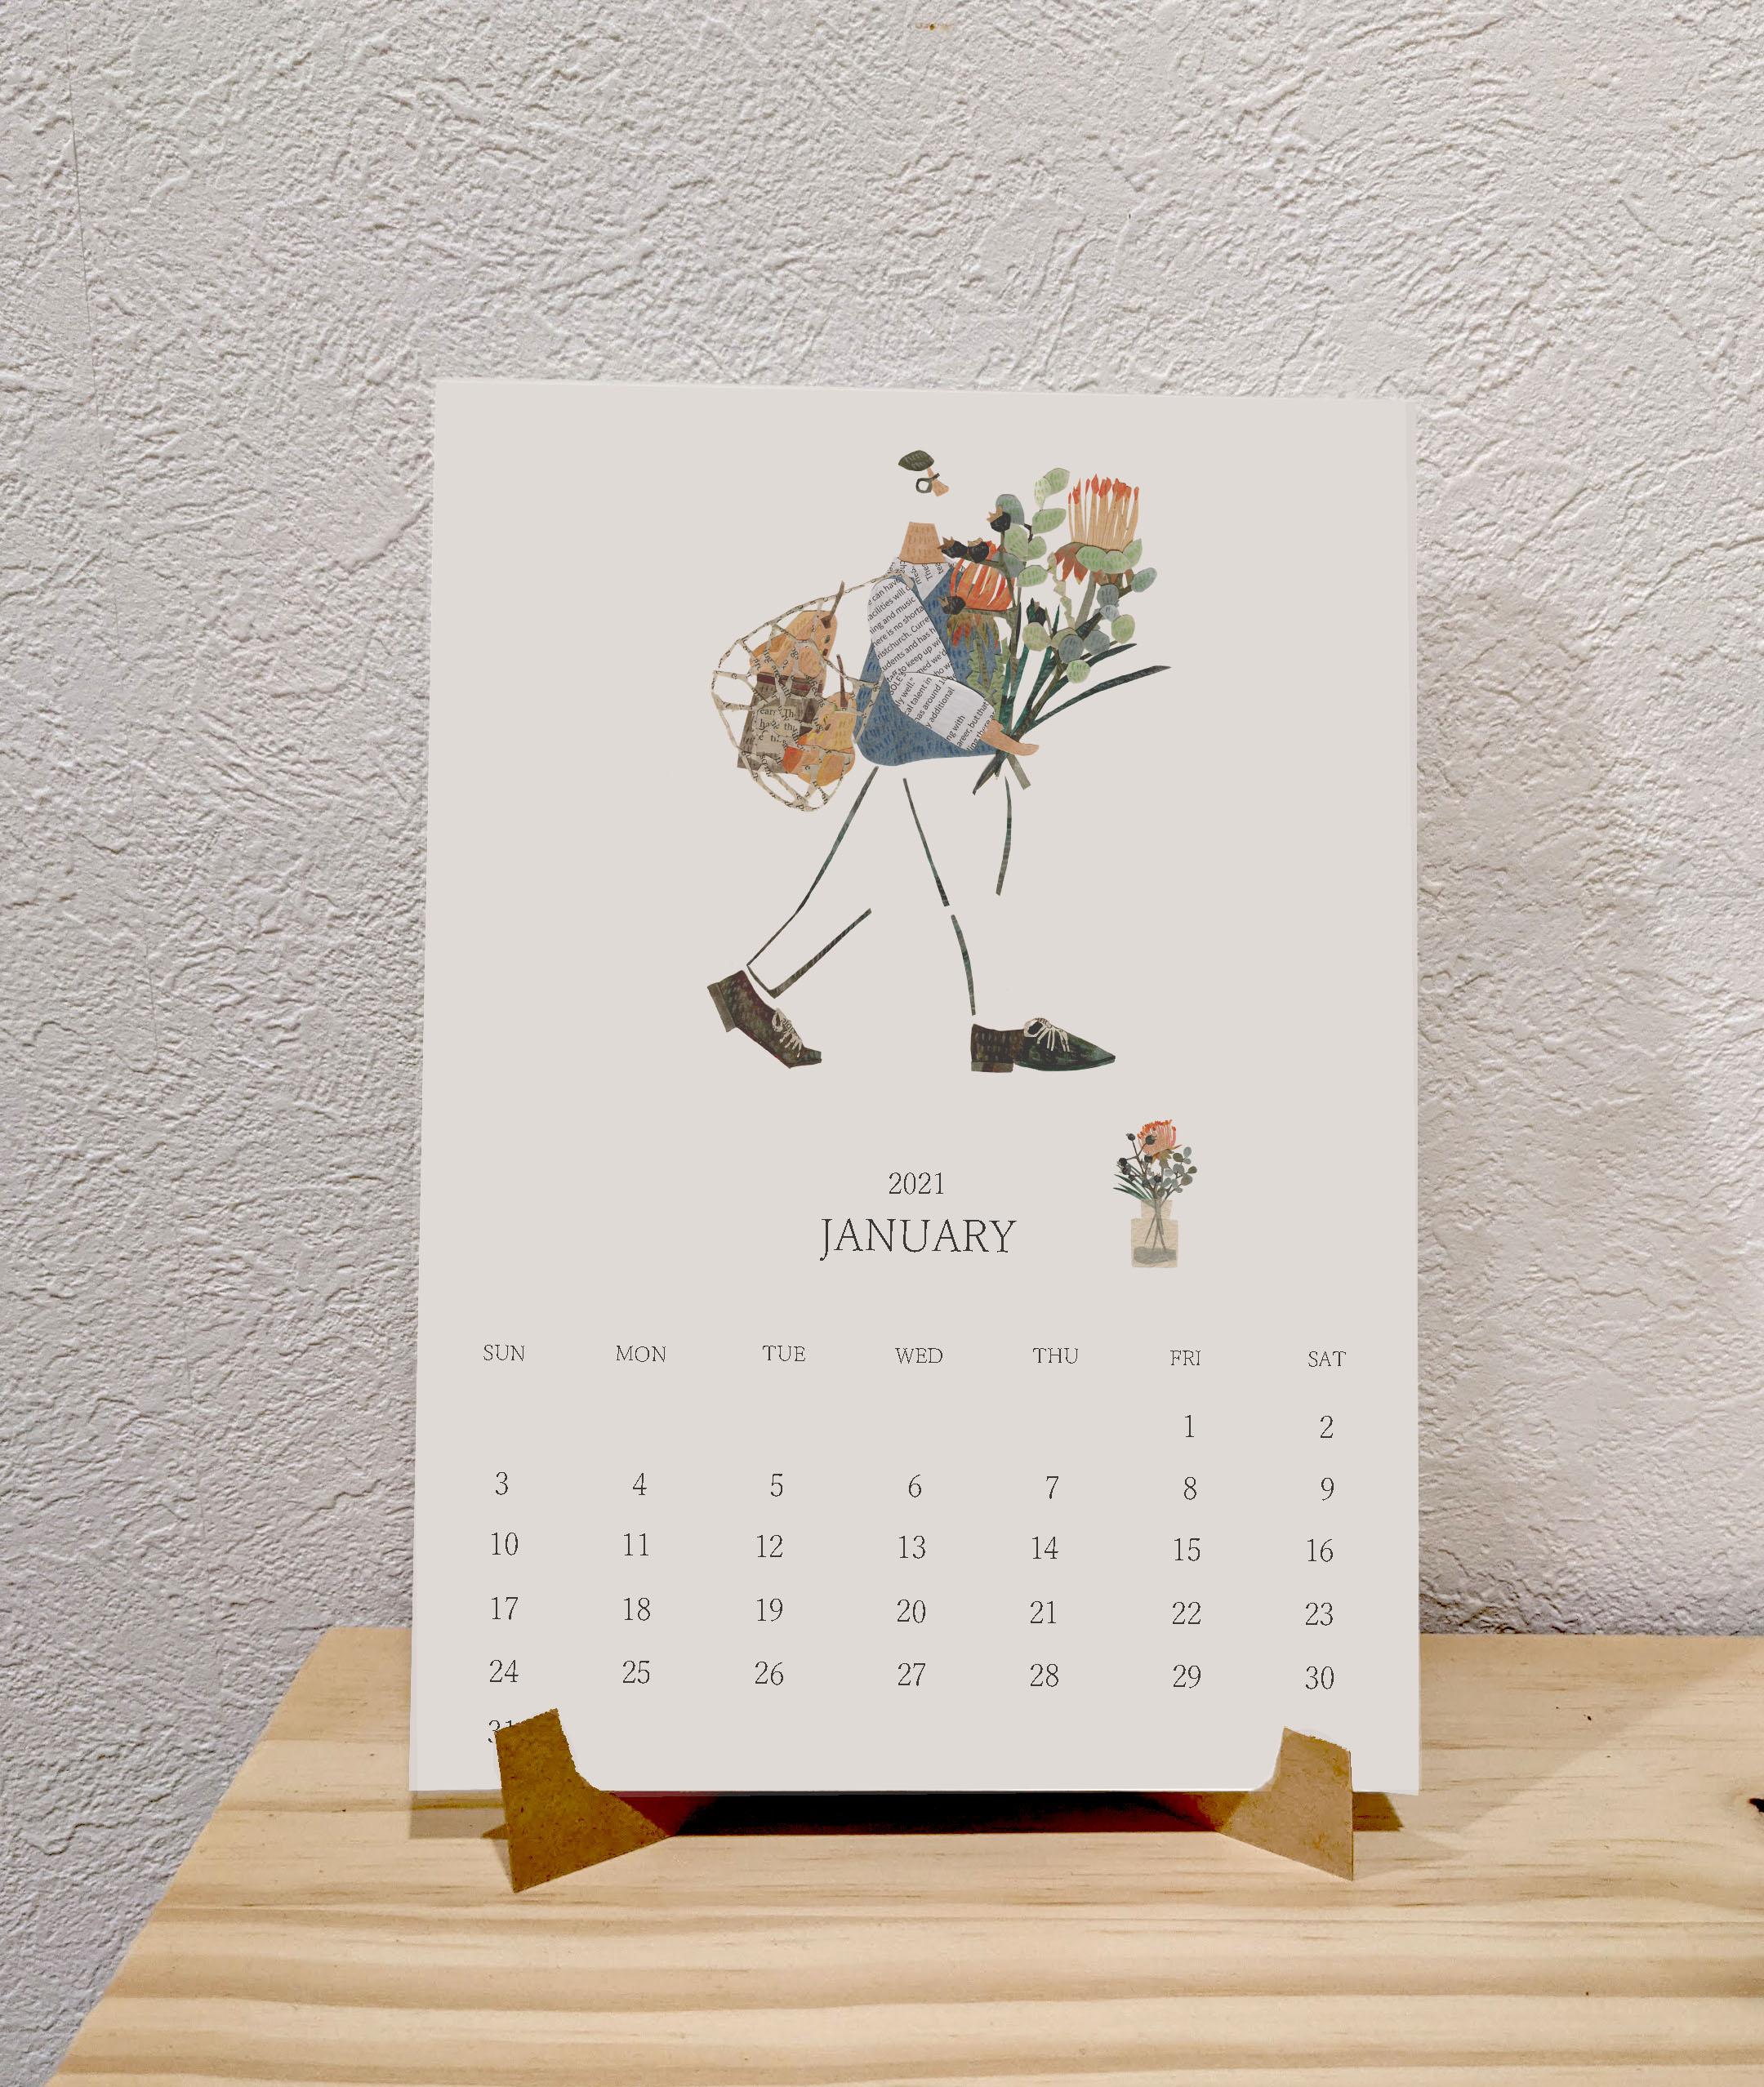 2021年のカレンダーの準備はできていますか?